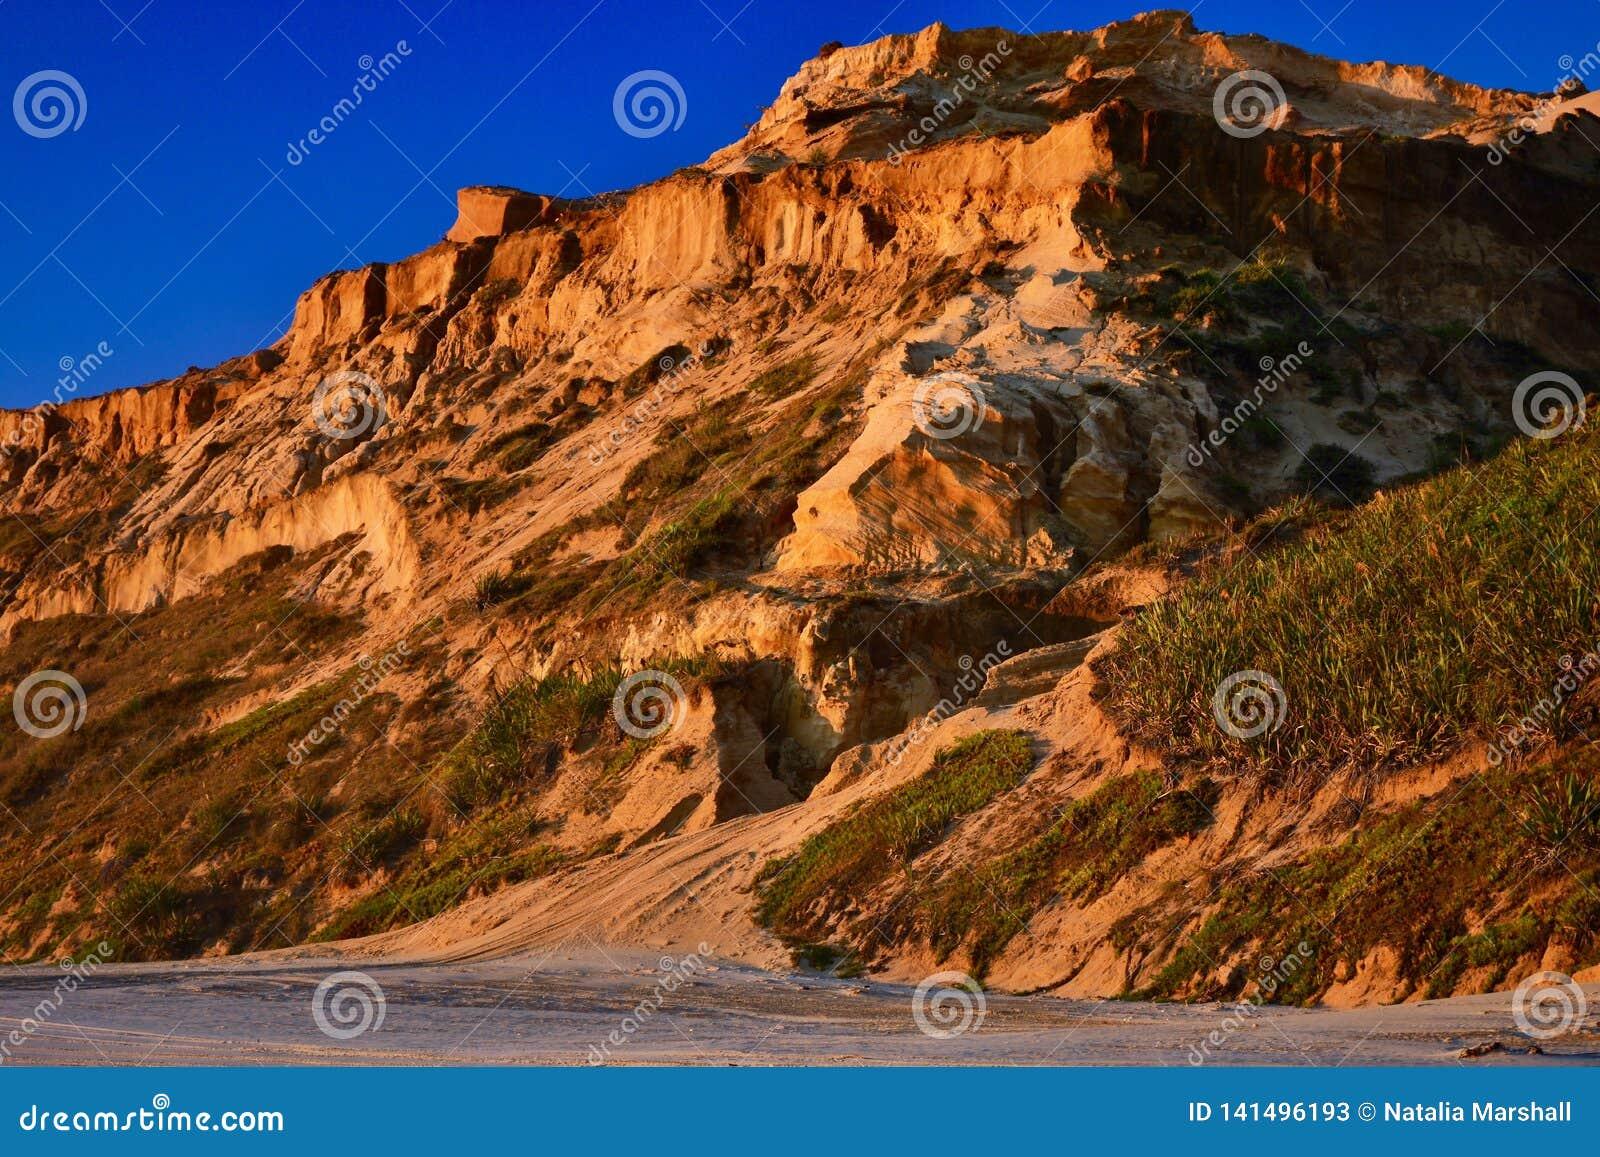 Formações naturais do arenito: formado das grões de areia cimentadas, amarelo-alaranjadas na cor, formando penhascos ásperos cont